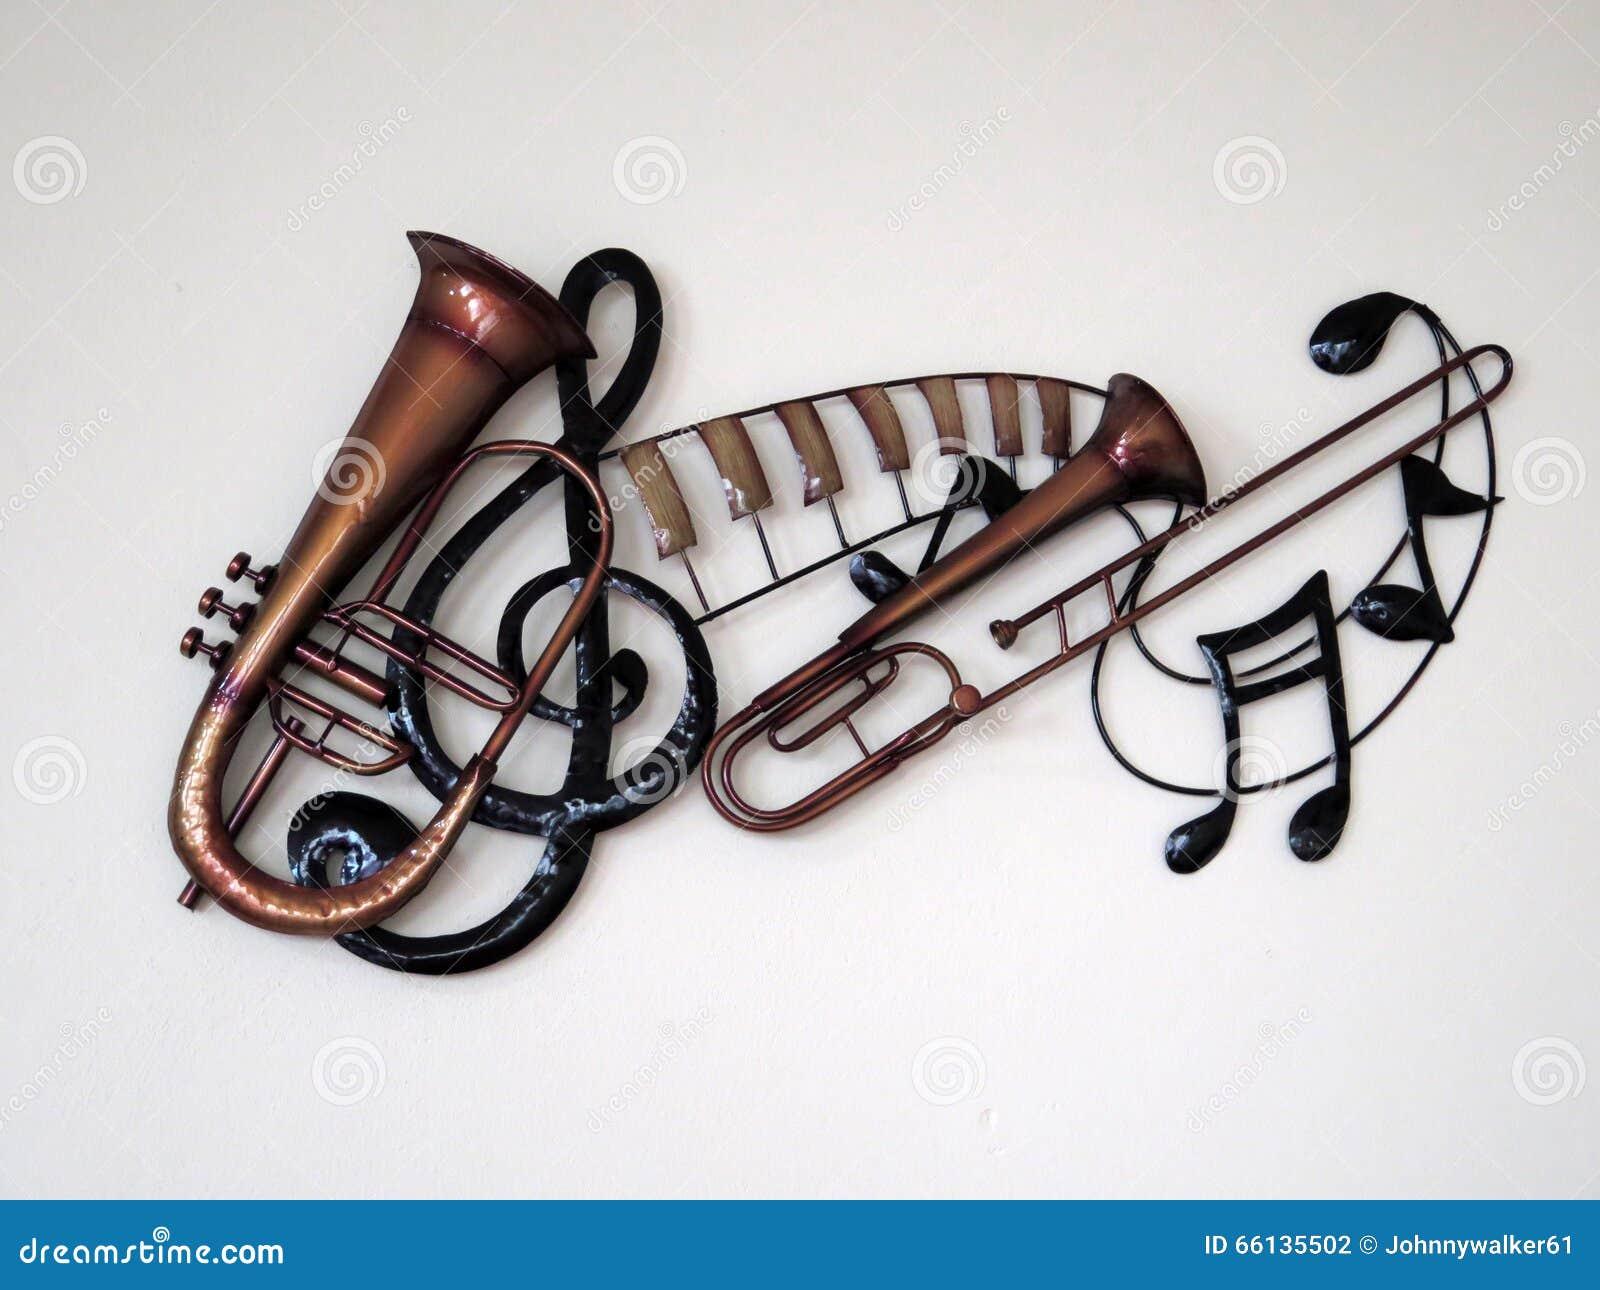 D coration d 39 instrument de musique photo stock image 66135502 - Photo d instrument de musique ...